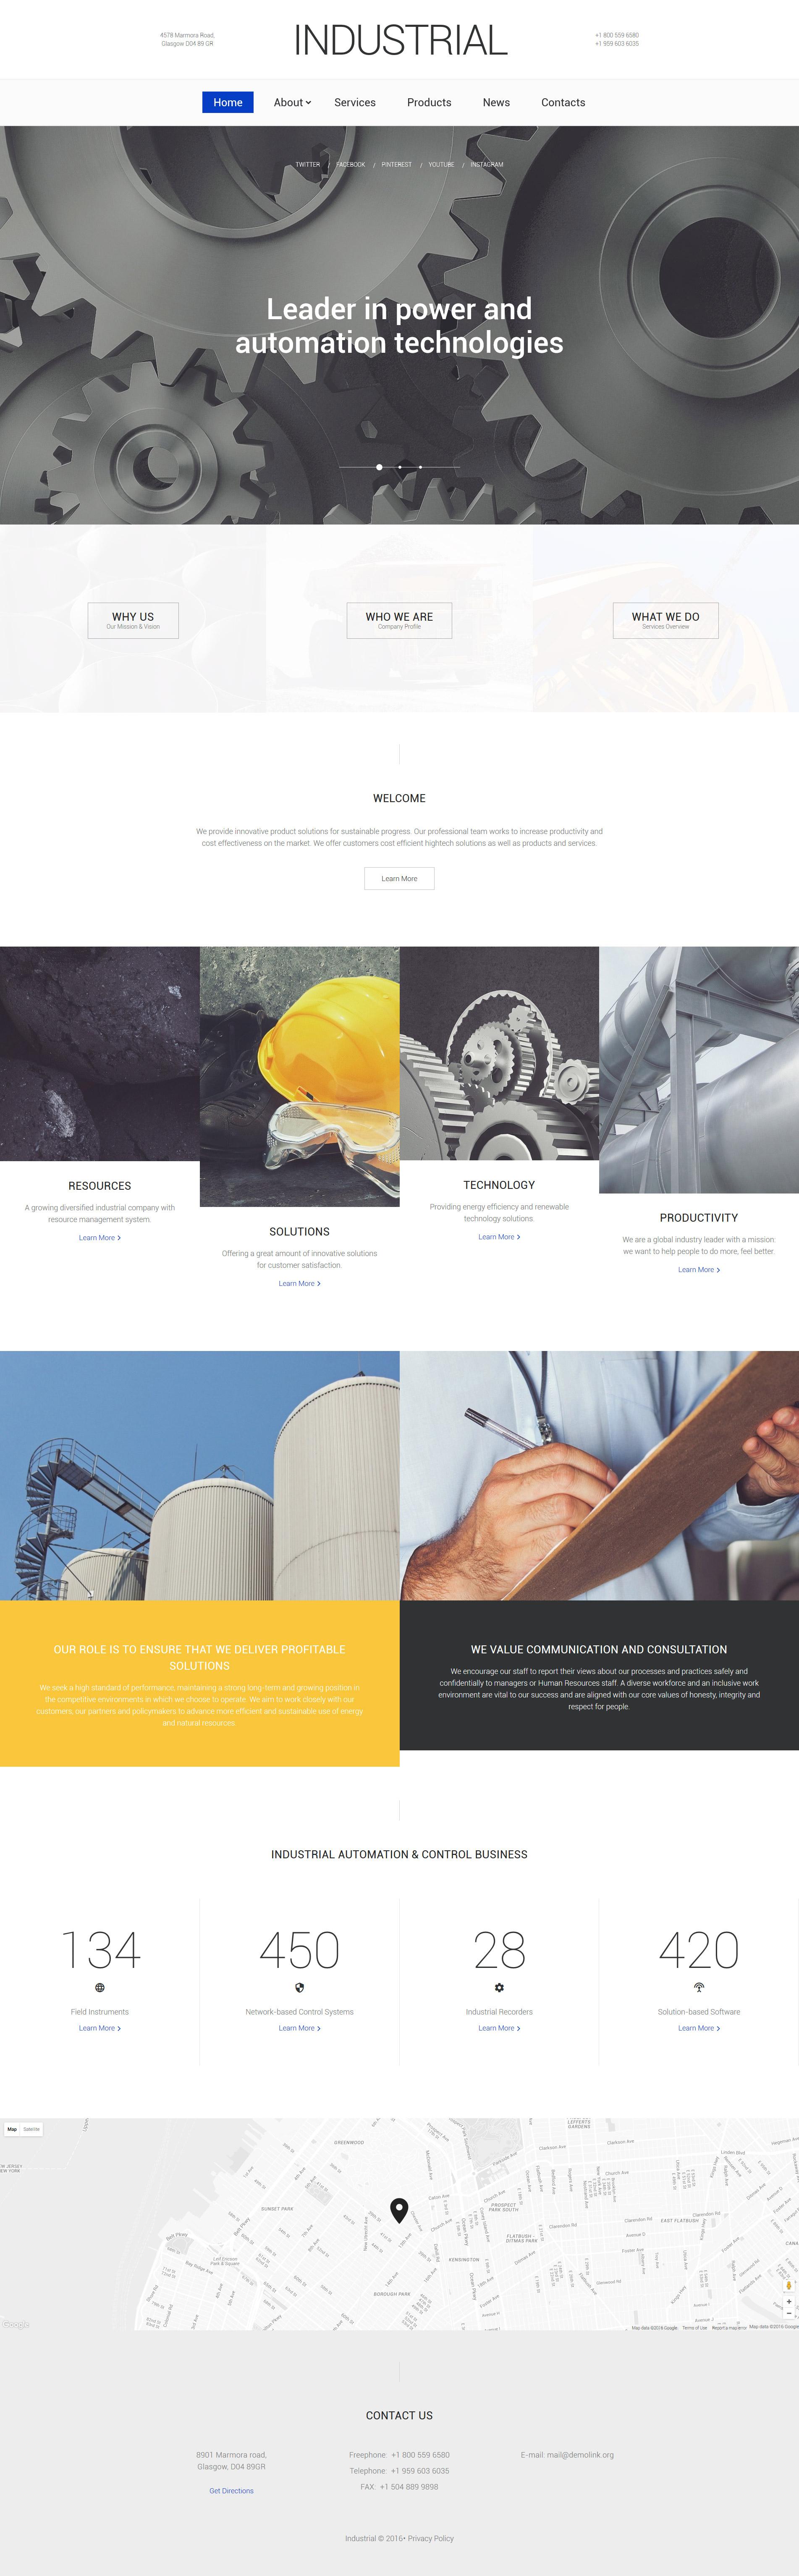 Industrial Technology Website Template - screenshot